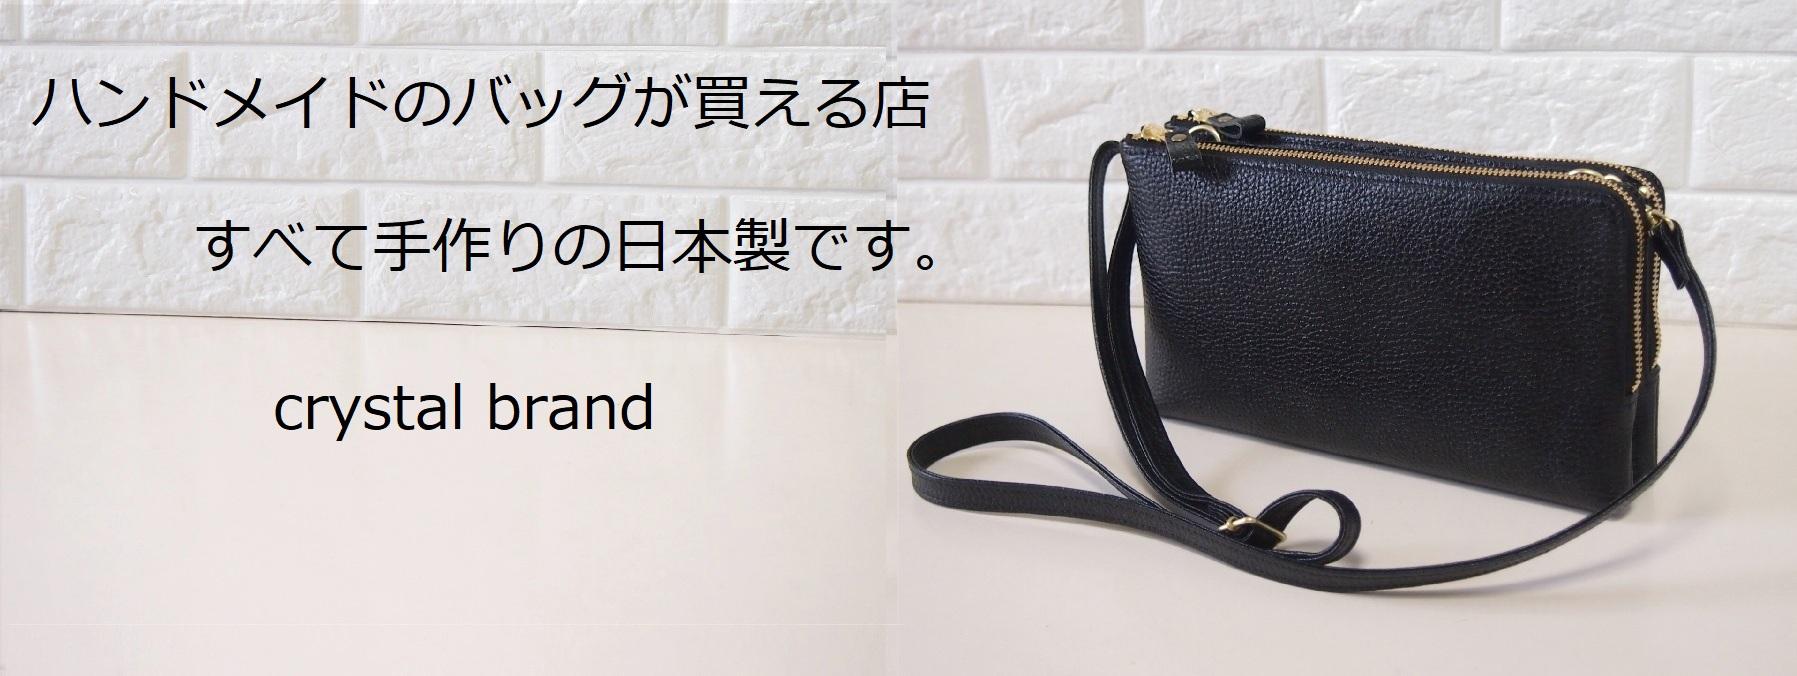 クリスタル ブランド  お財布ポシェット・サコッシュ・本革・ショルダーバッグ・日本製紹介画像1